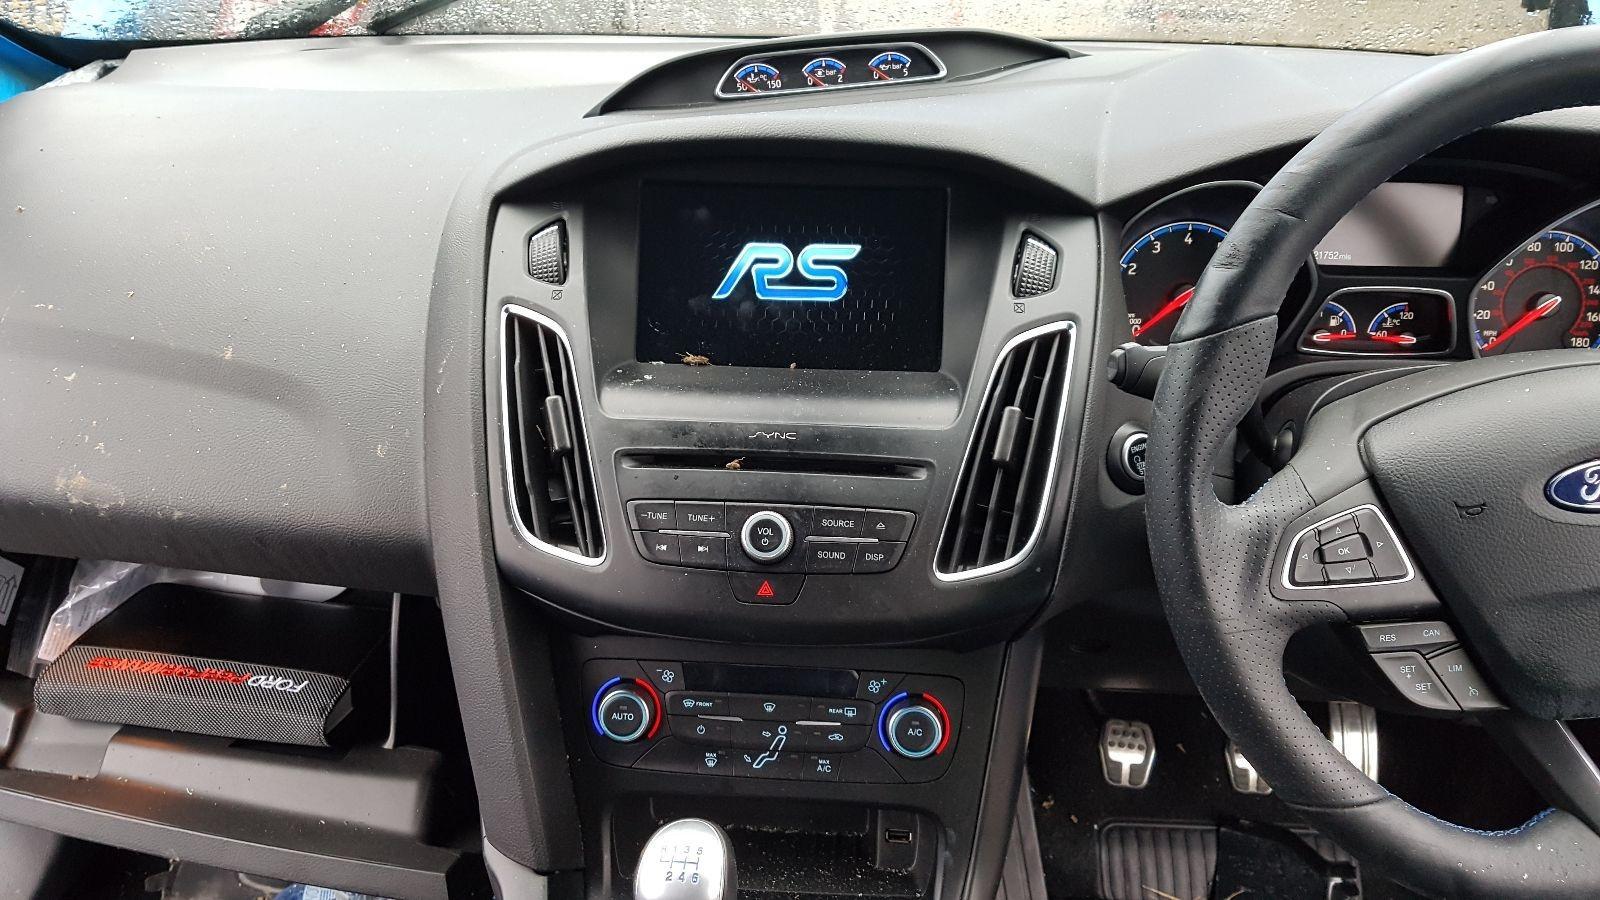 View Auto part Ford Focus 2018 5 Door Hatchback